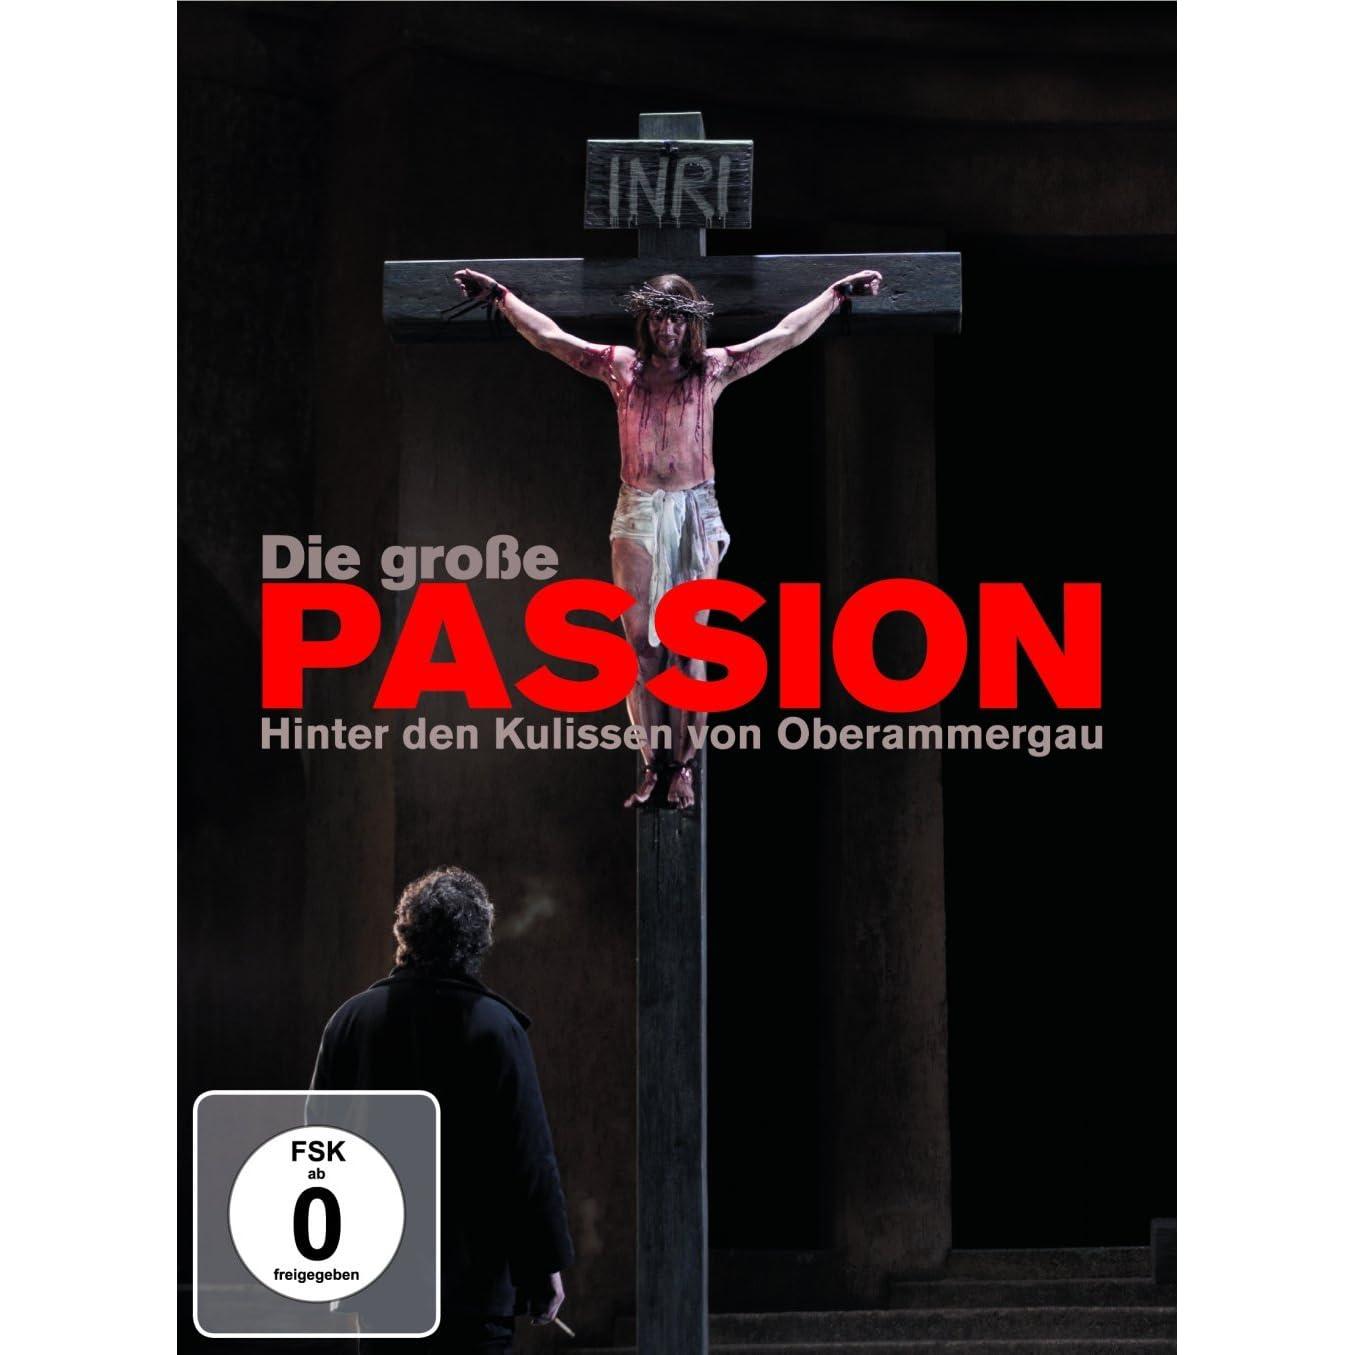 Die große Passion [DVD]; ca. 18 Euro